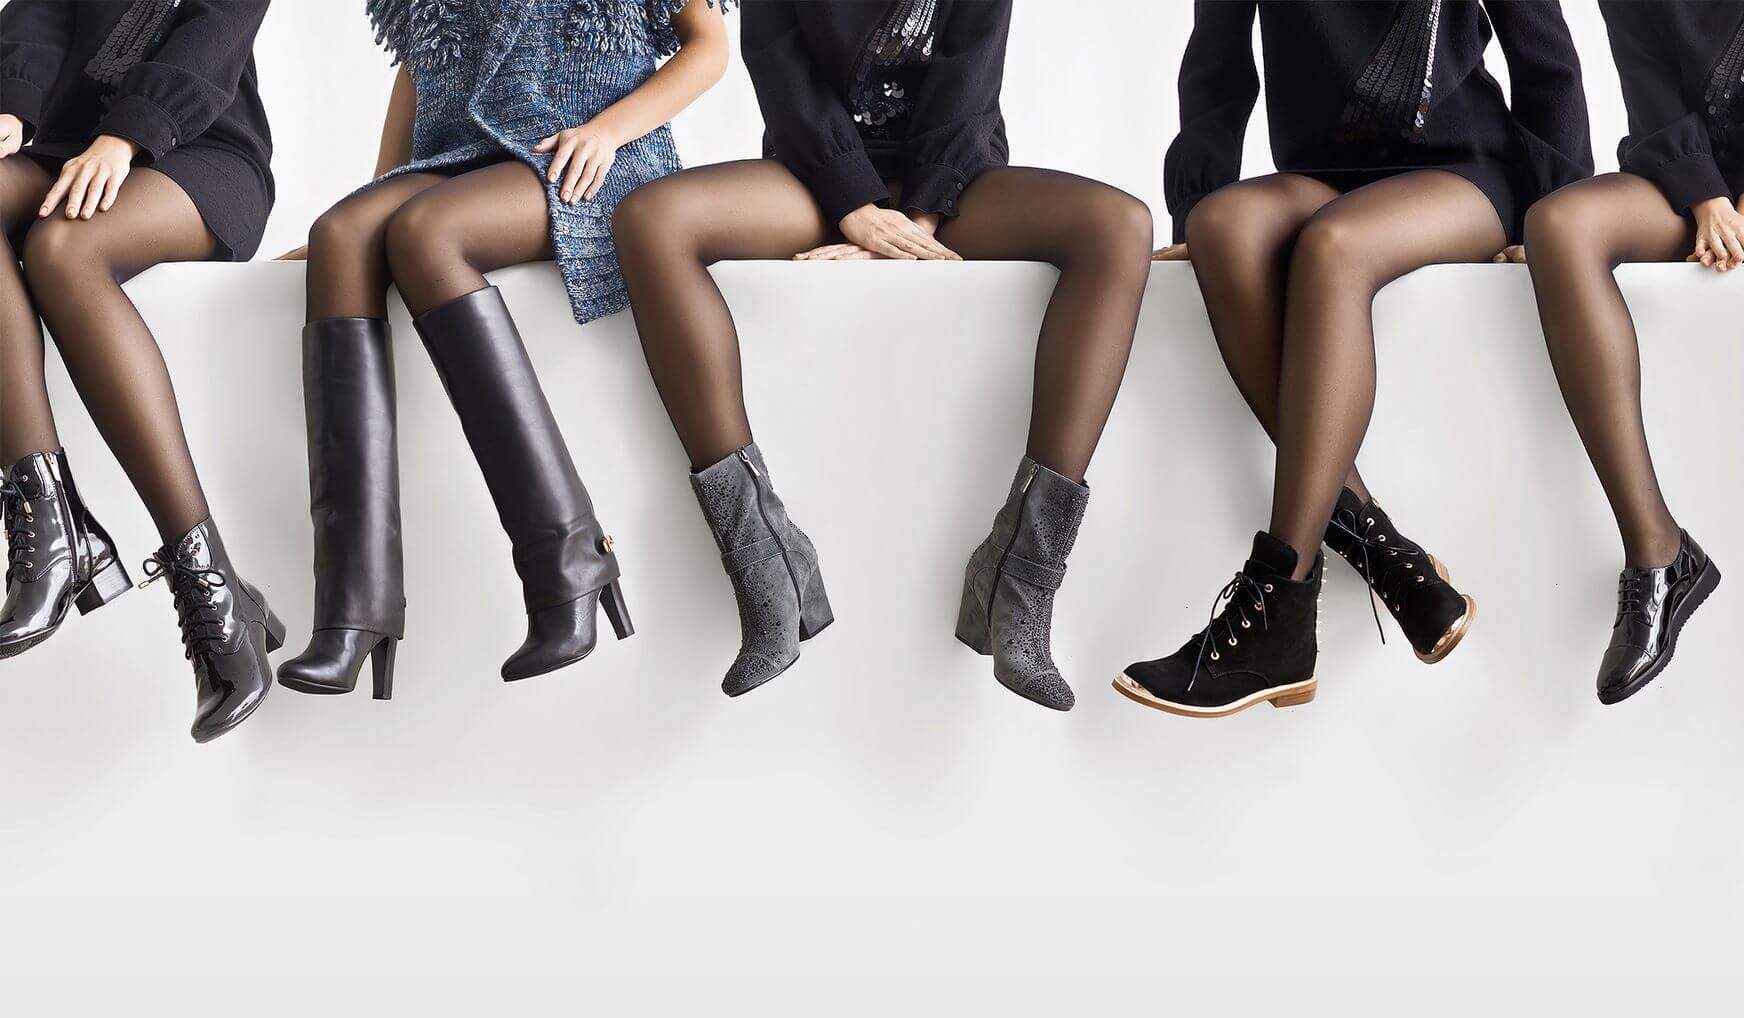 Τι να προσέξεις όταν επιλέγεις γυναικεία μποτάκια ή μπότες